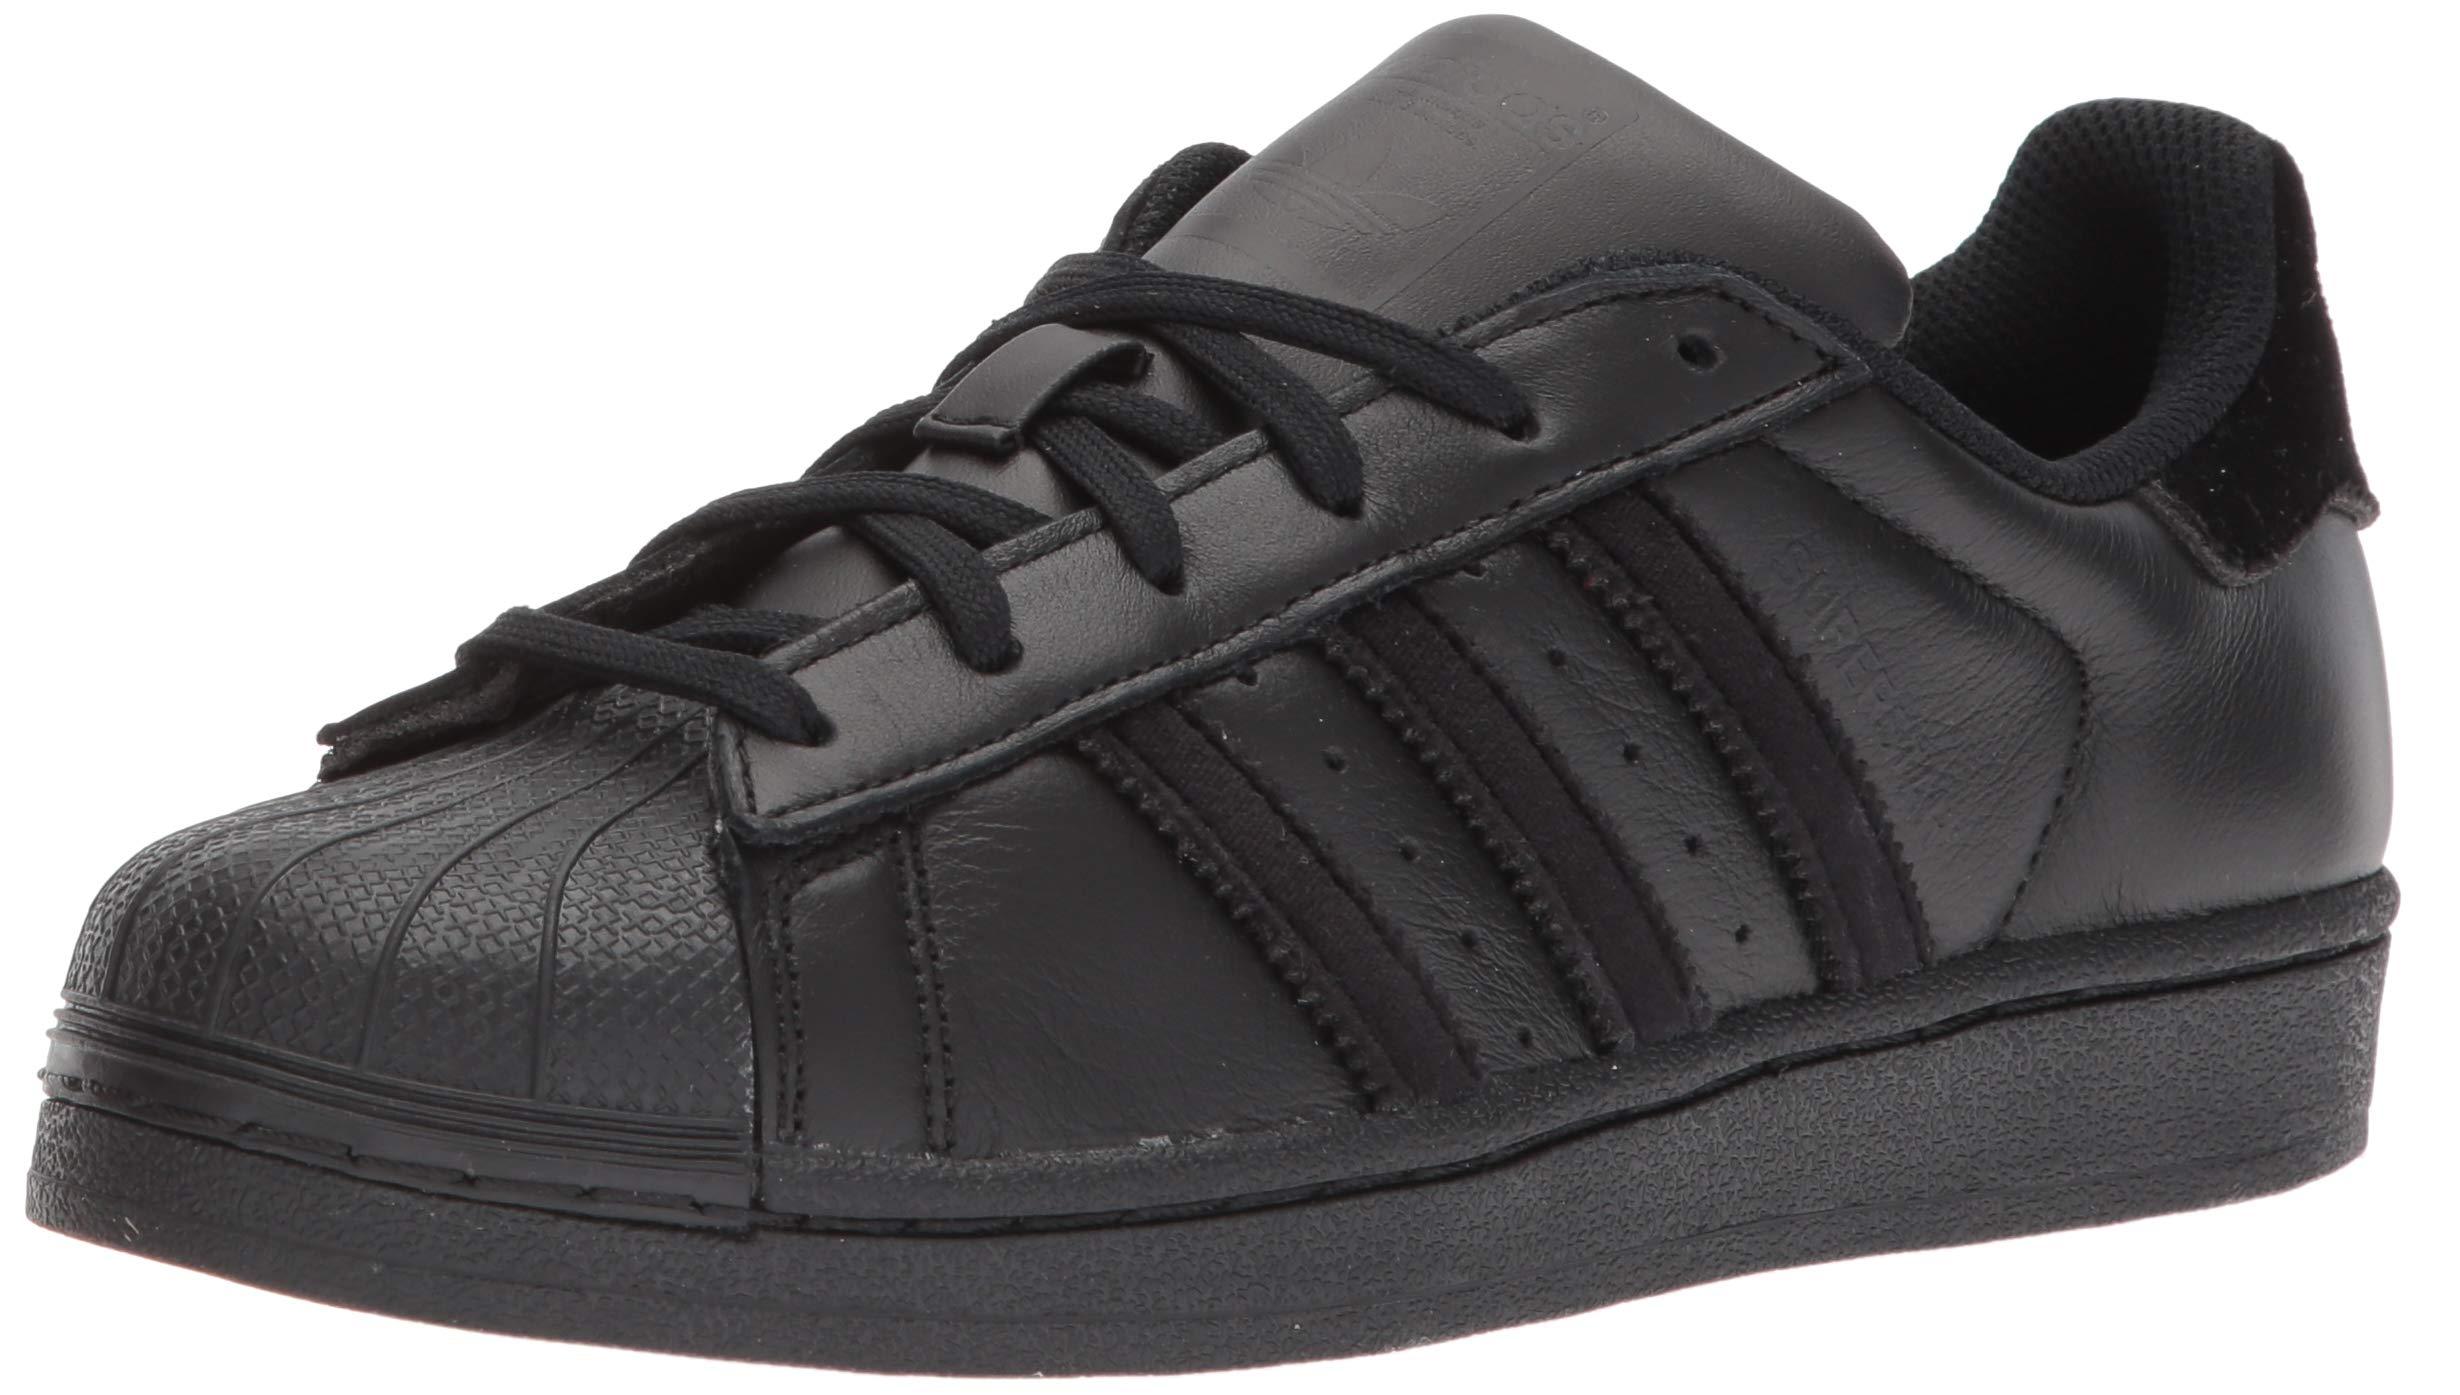 7f3f547cec6 Mejor valorados en Zapatillas para niño & Opiniones útiles de ...